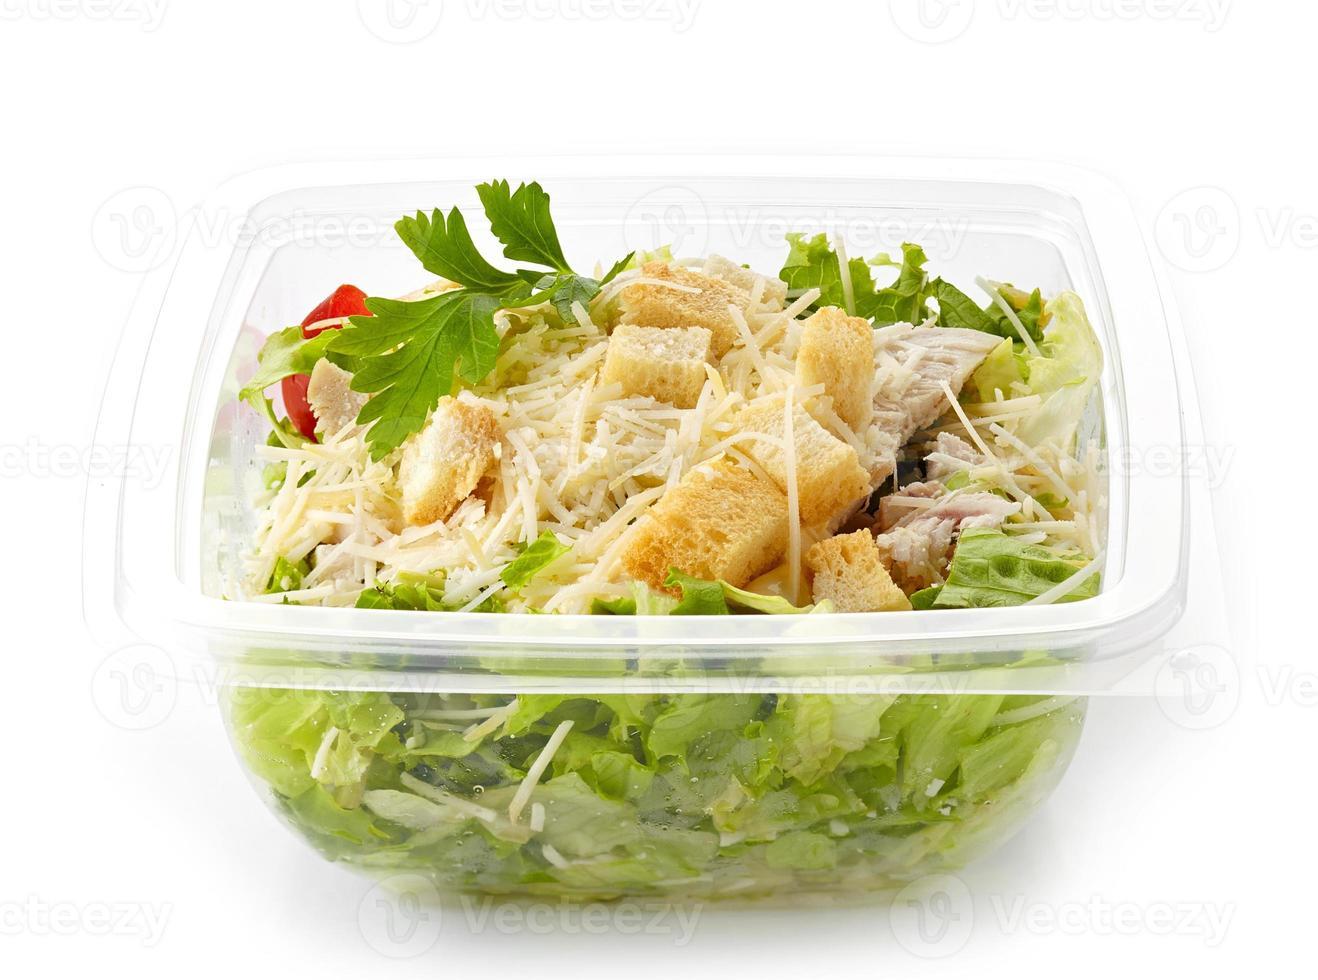 insalata in una scatola di plastica da asporto foto